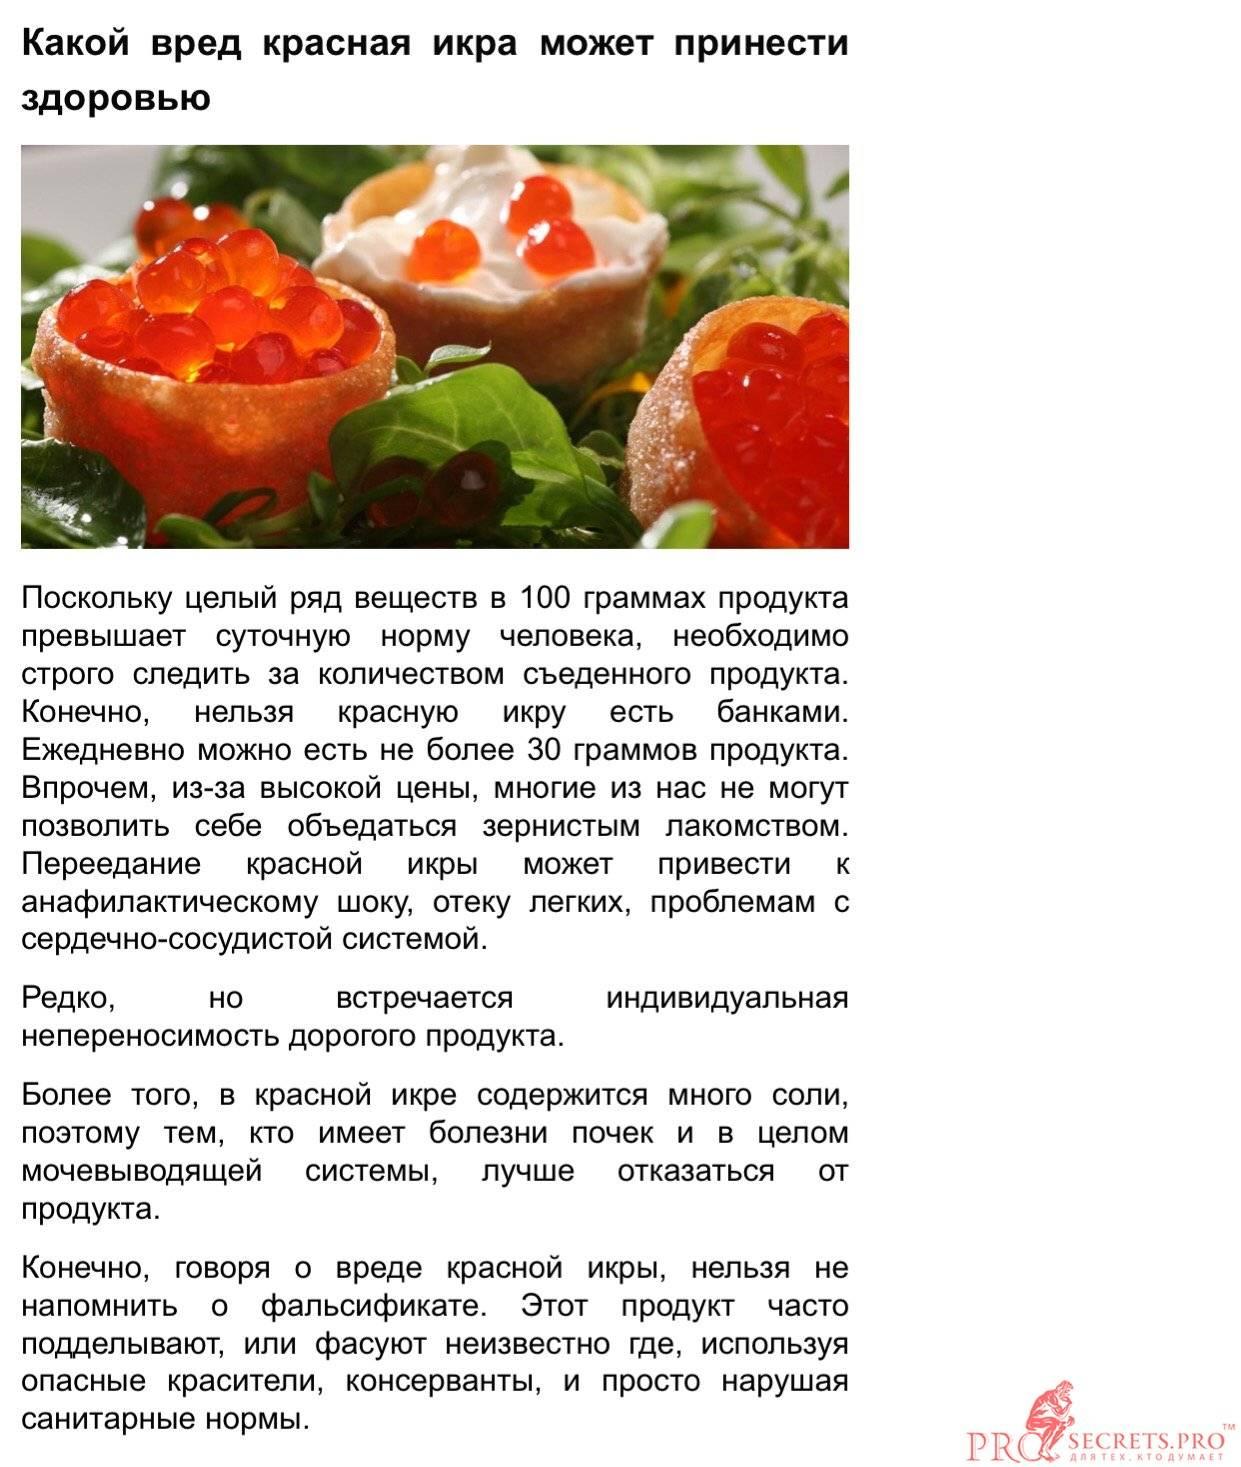 Красная икра — польза и вред для здоровья